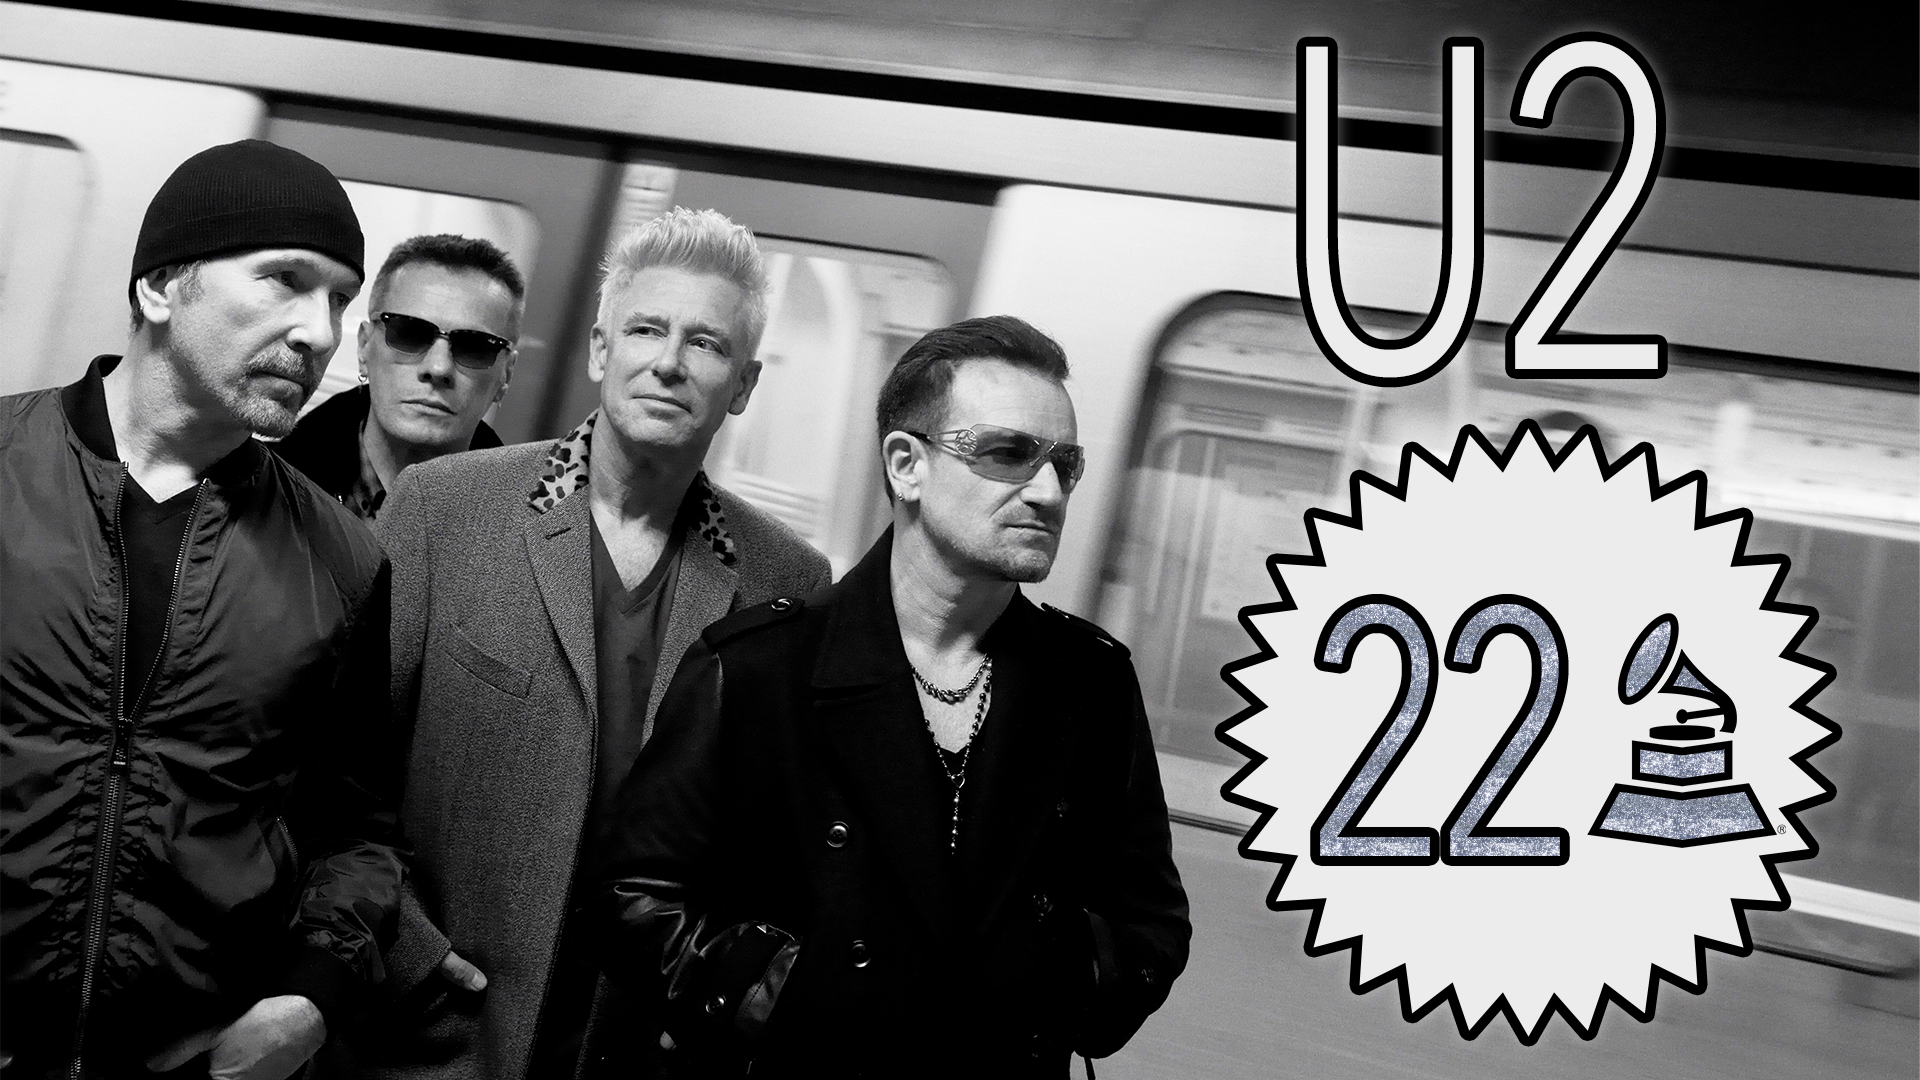 U2 with 22 GRAMMY Awards